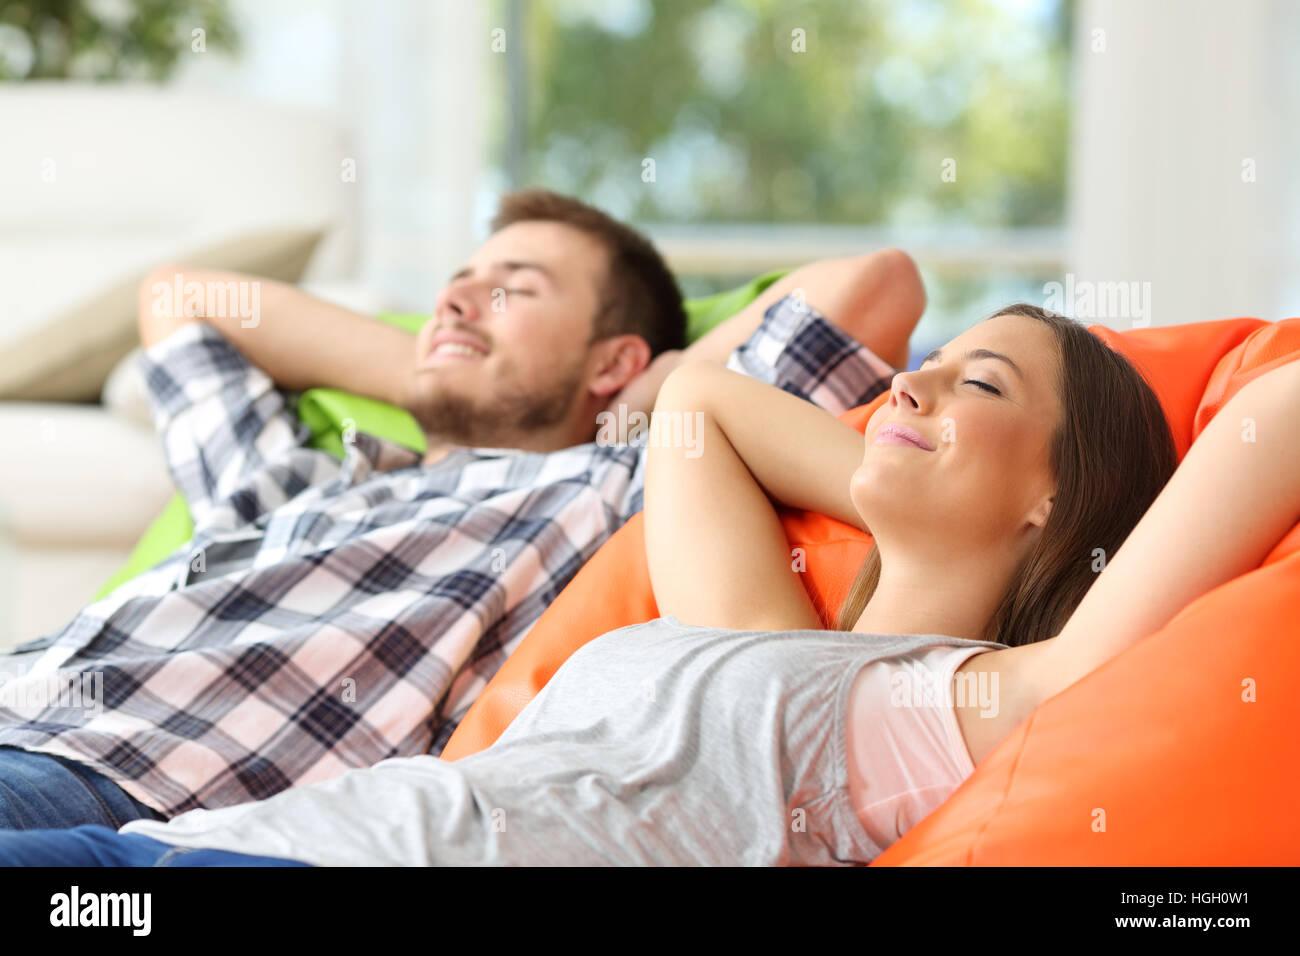 Paar oder Mitbewohner entspannen auf bequemen Hocker im Wohnzimmer zu Hause liegen Stockbild